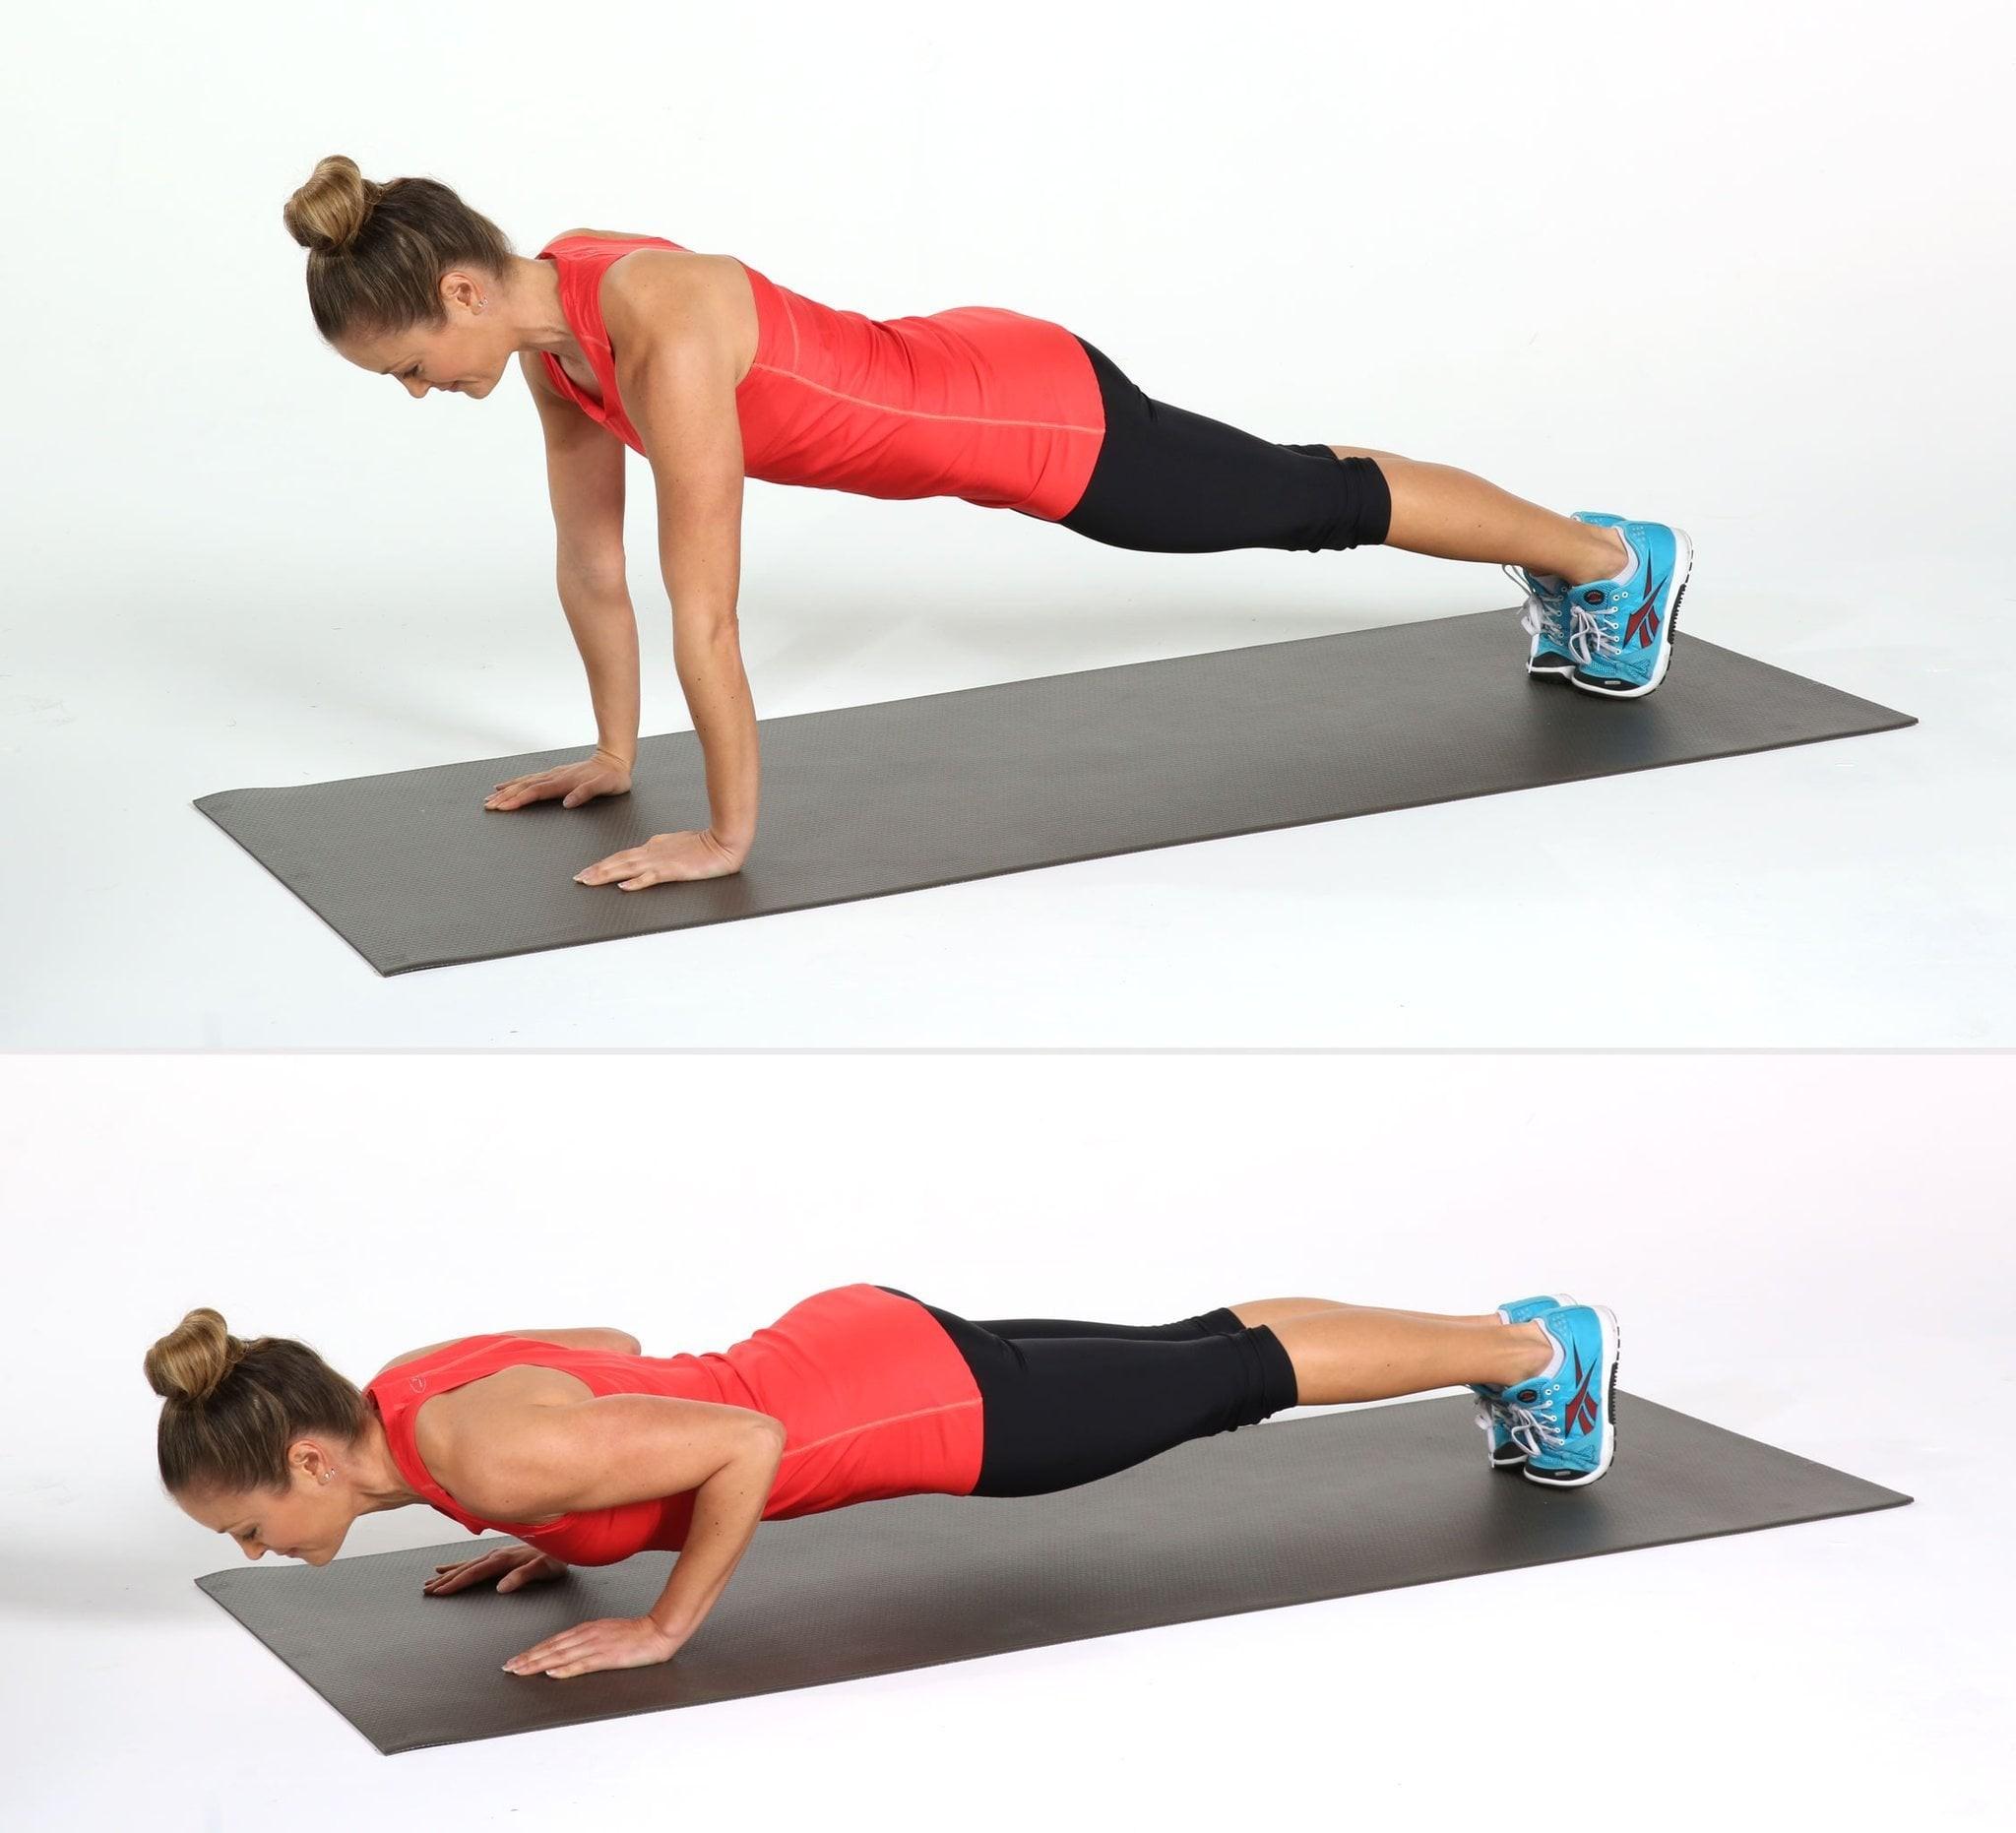 تمارين رياضية لزيادة الوزن - تمرين الضغط